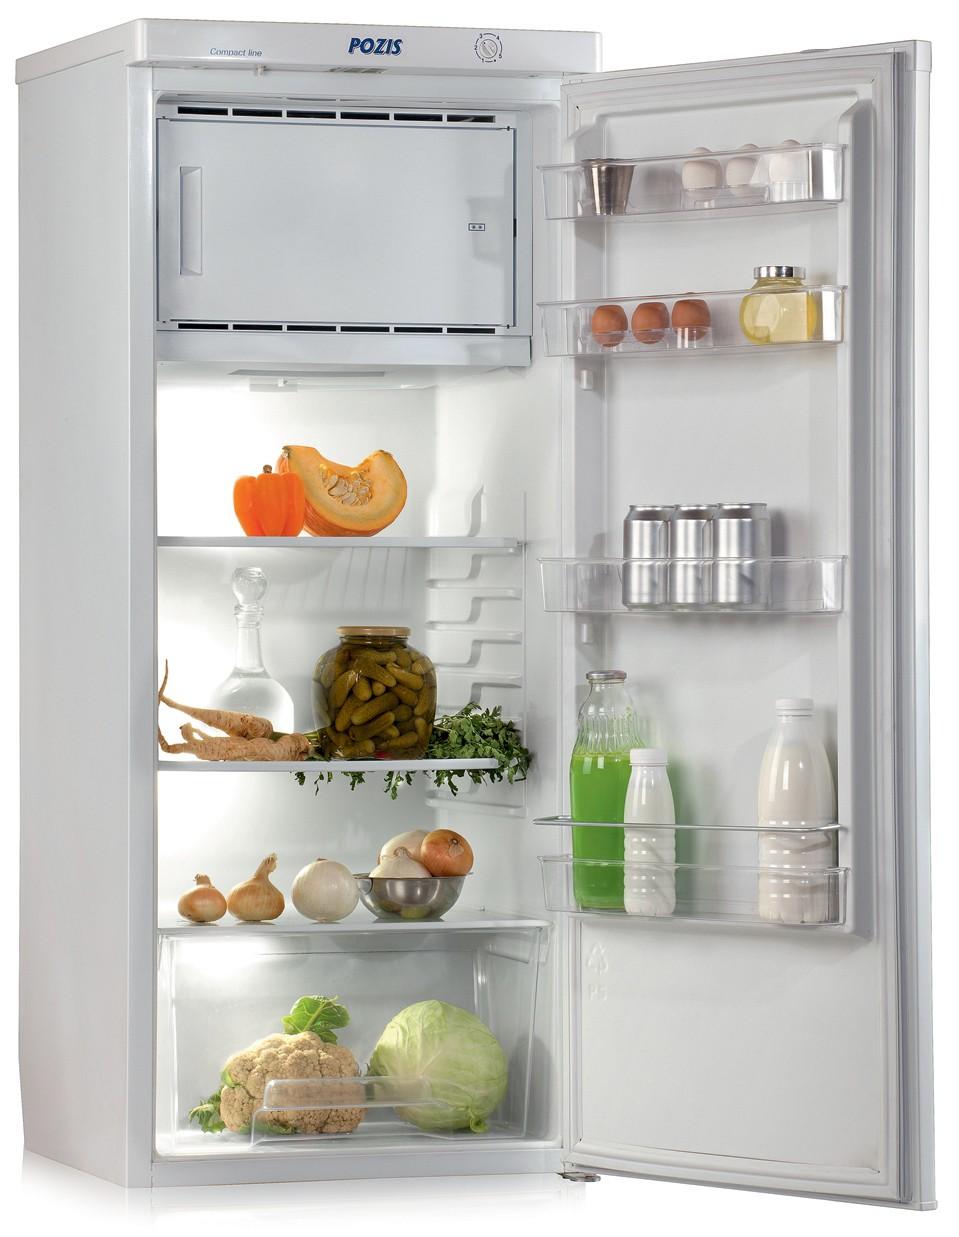 Инструкция Холодильник Фармацевтический Хф 400 Позис